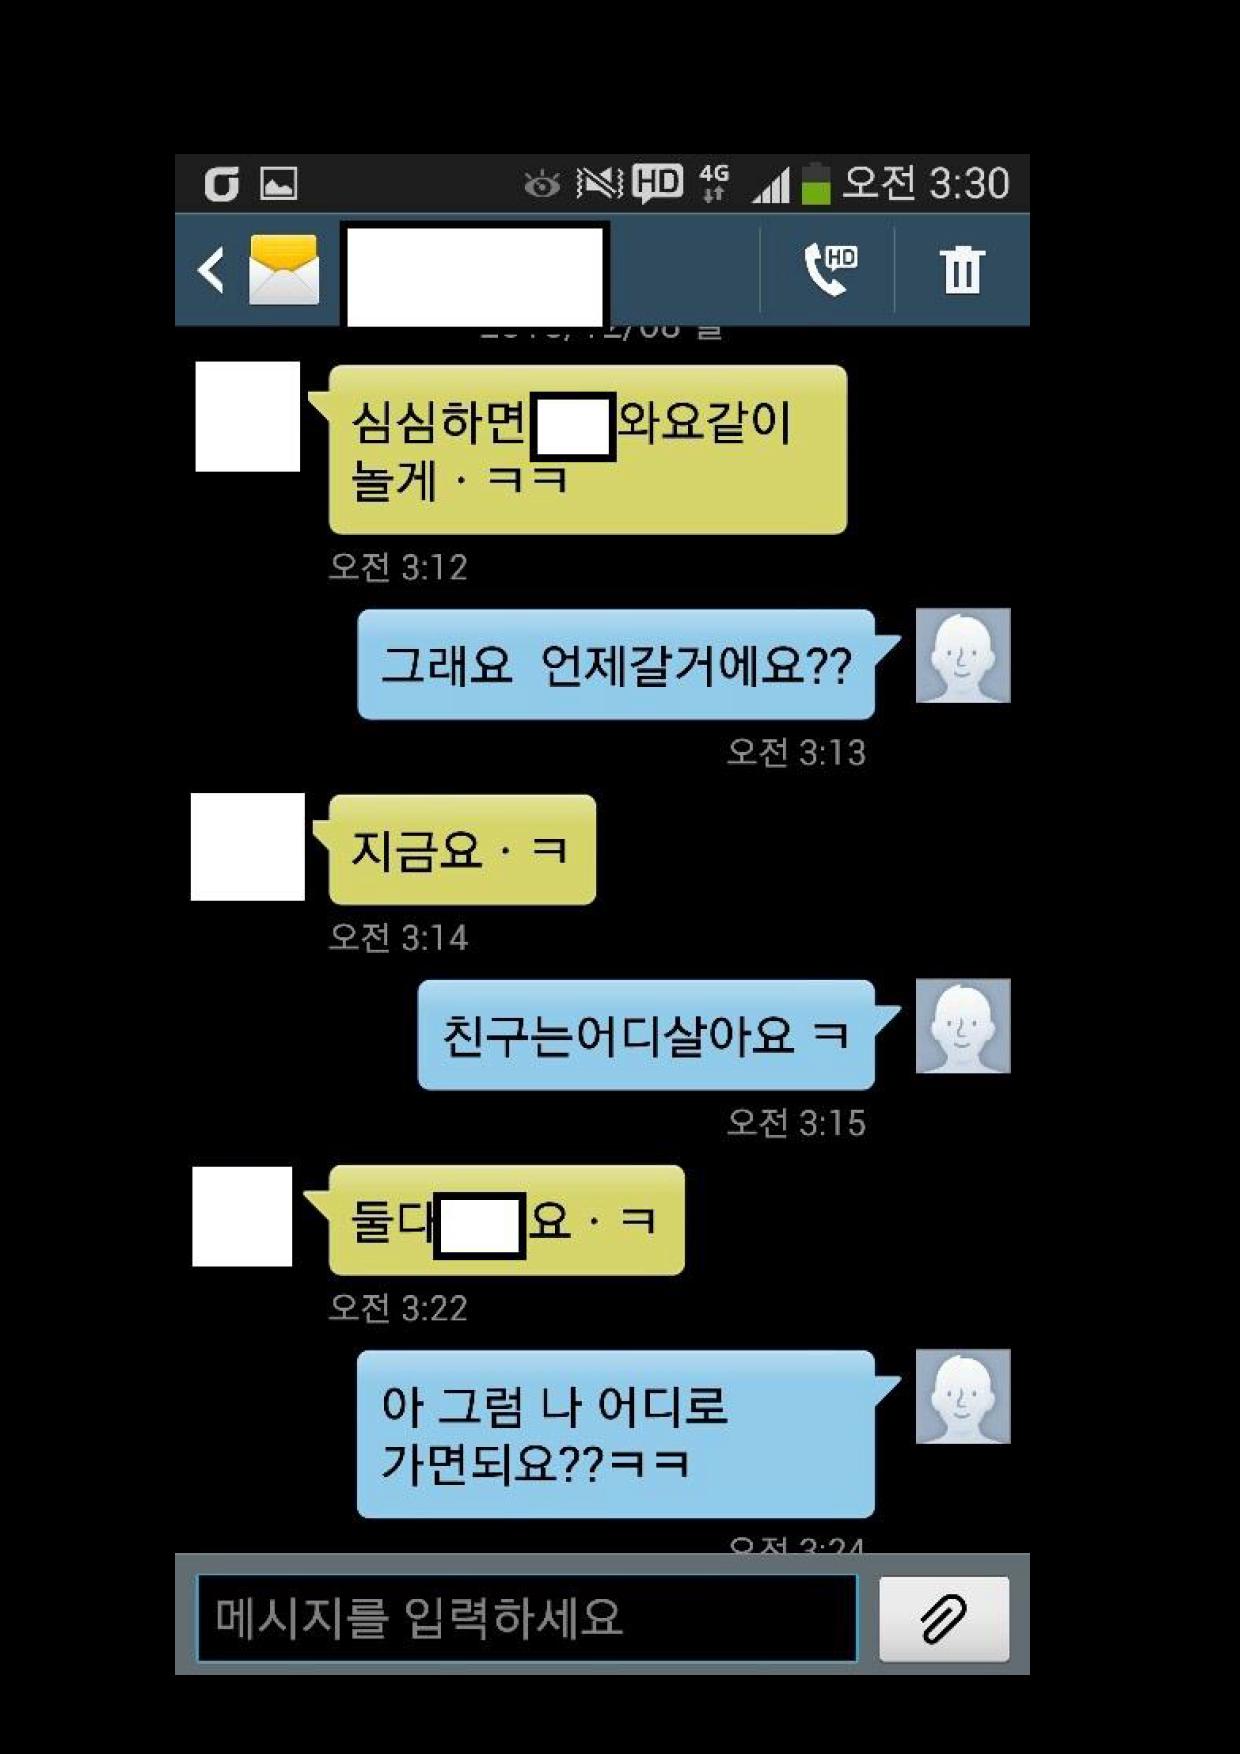 본 머티리어 1회차 홍보글(폰트 포함)_31.png